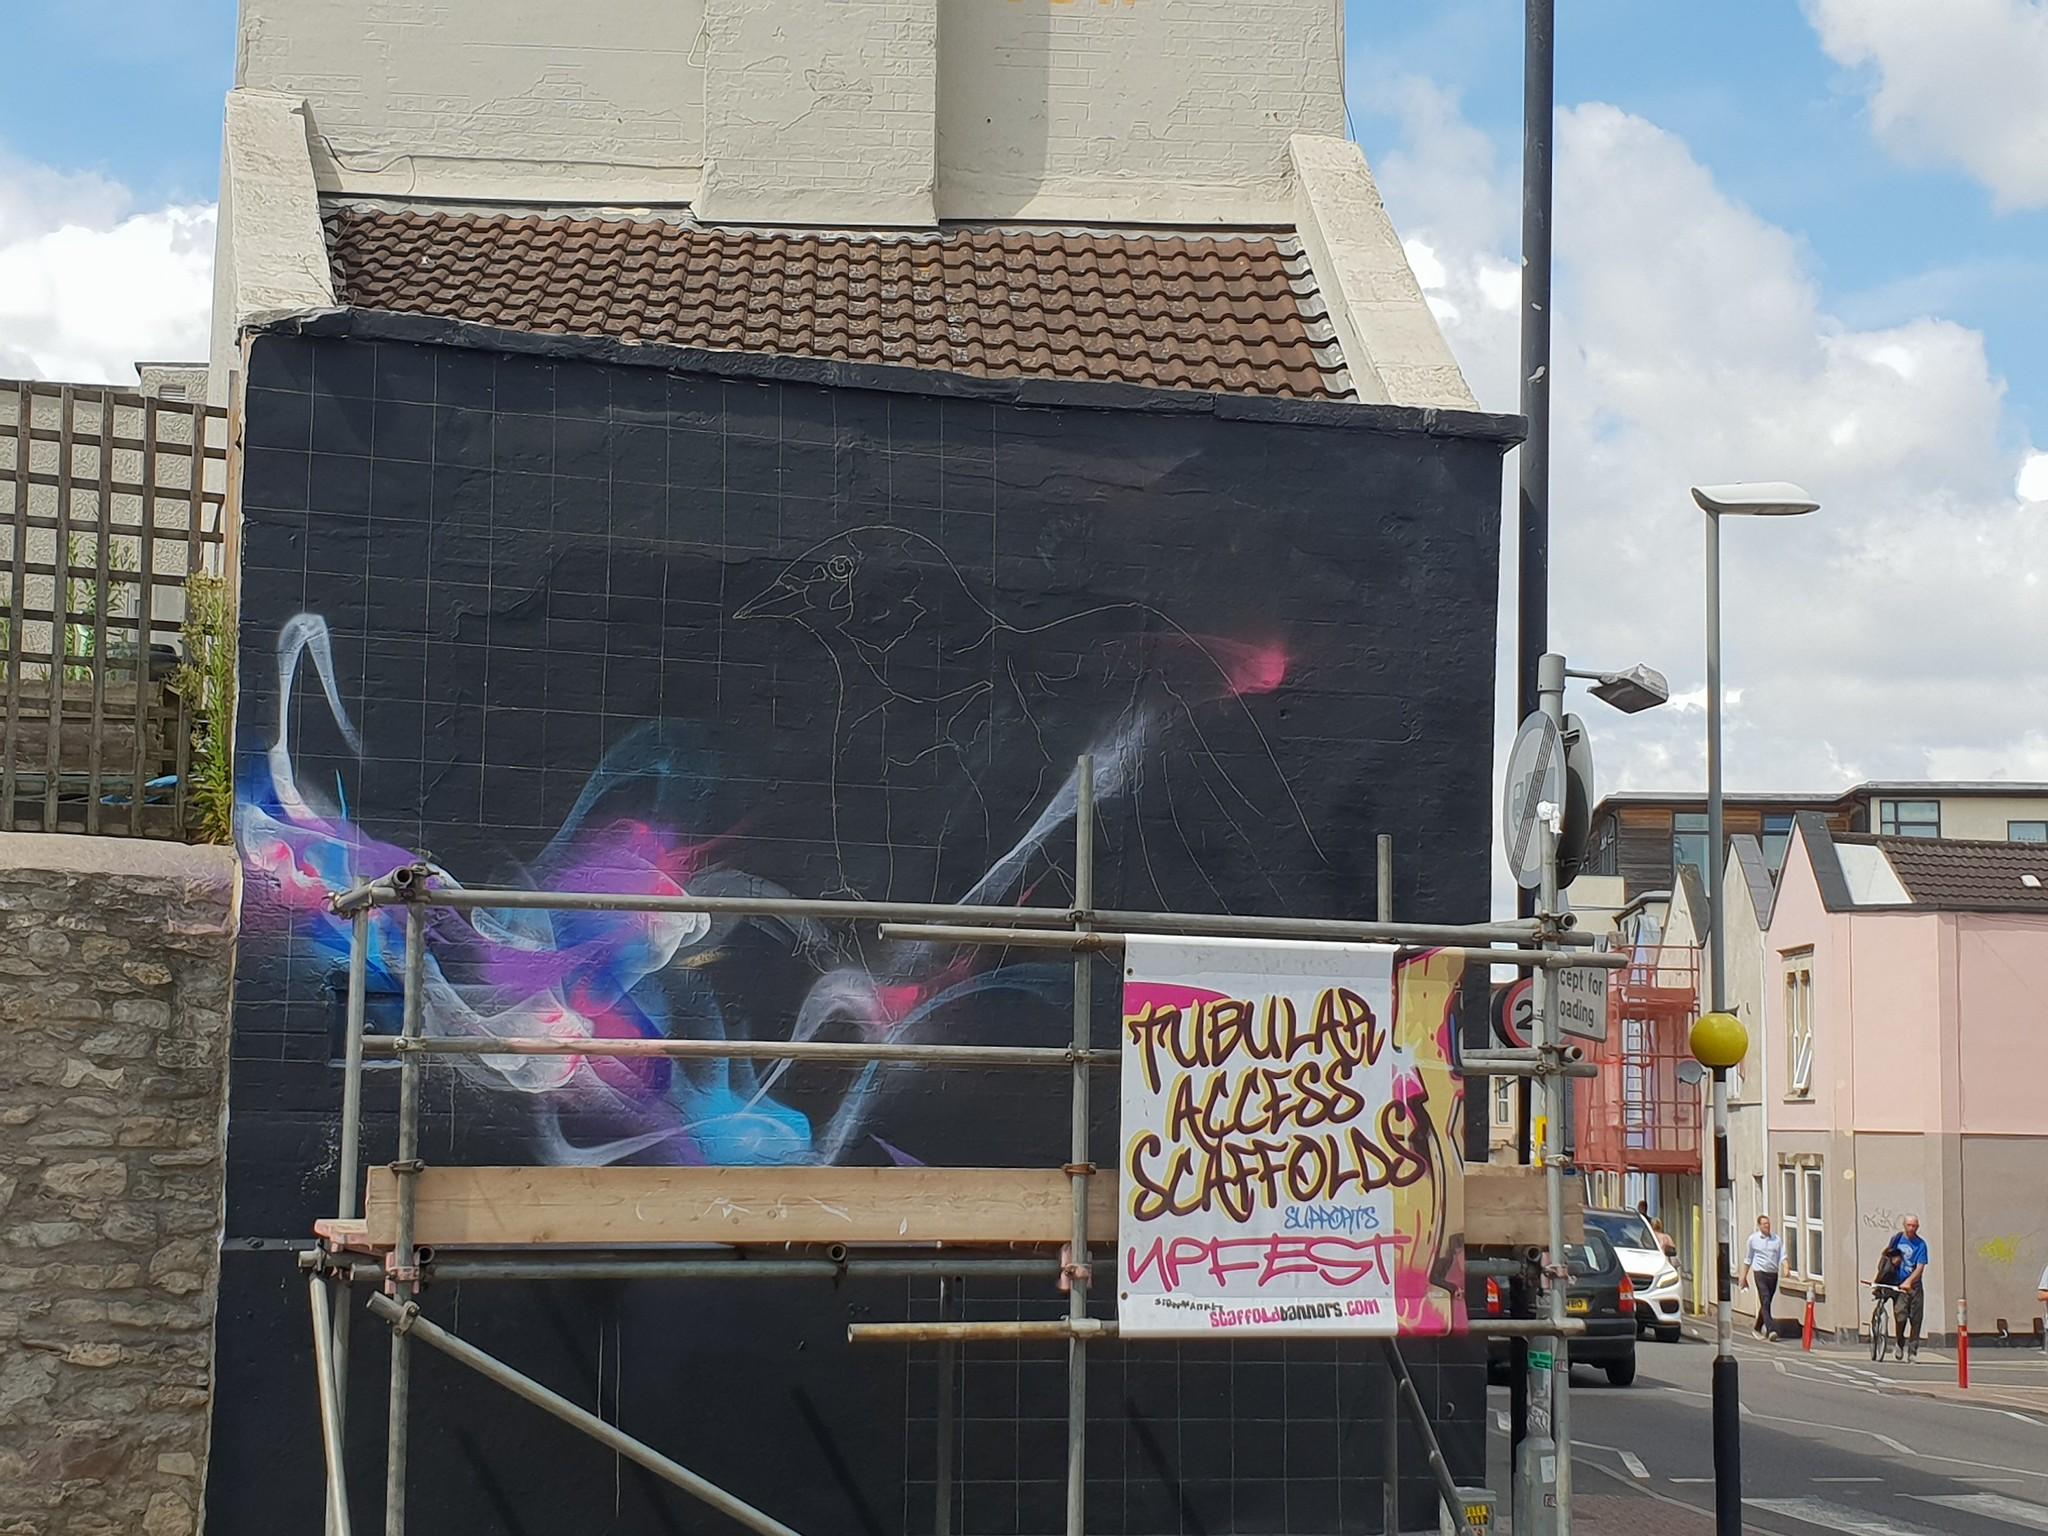 Bristol Street Art: L7 Matrix